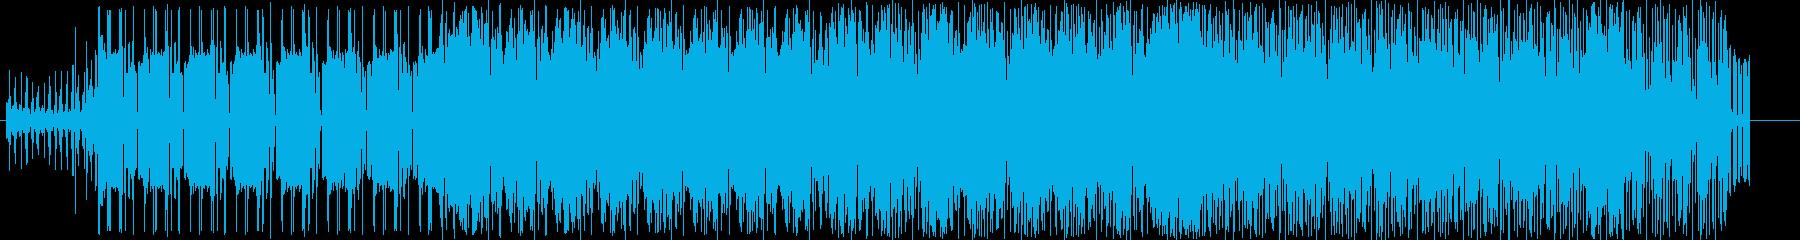 爽やかなリズムのノリノリの曲の再生済みの波形